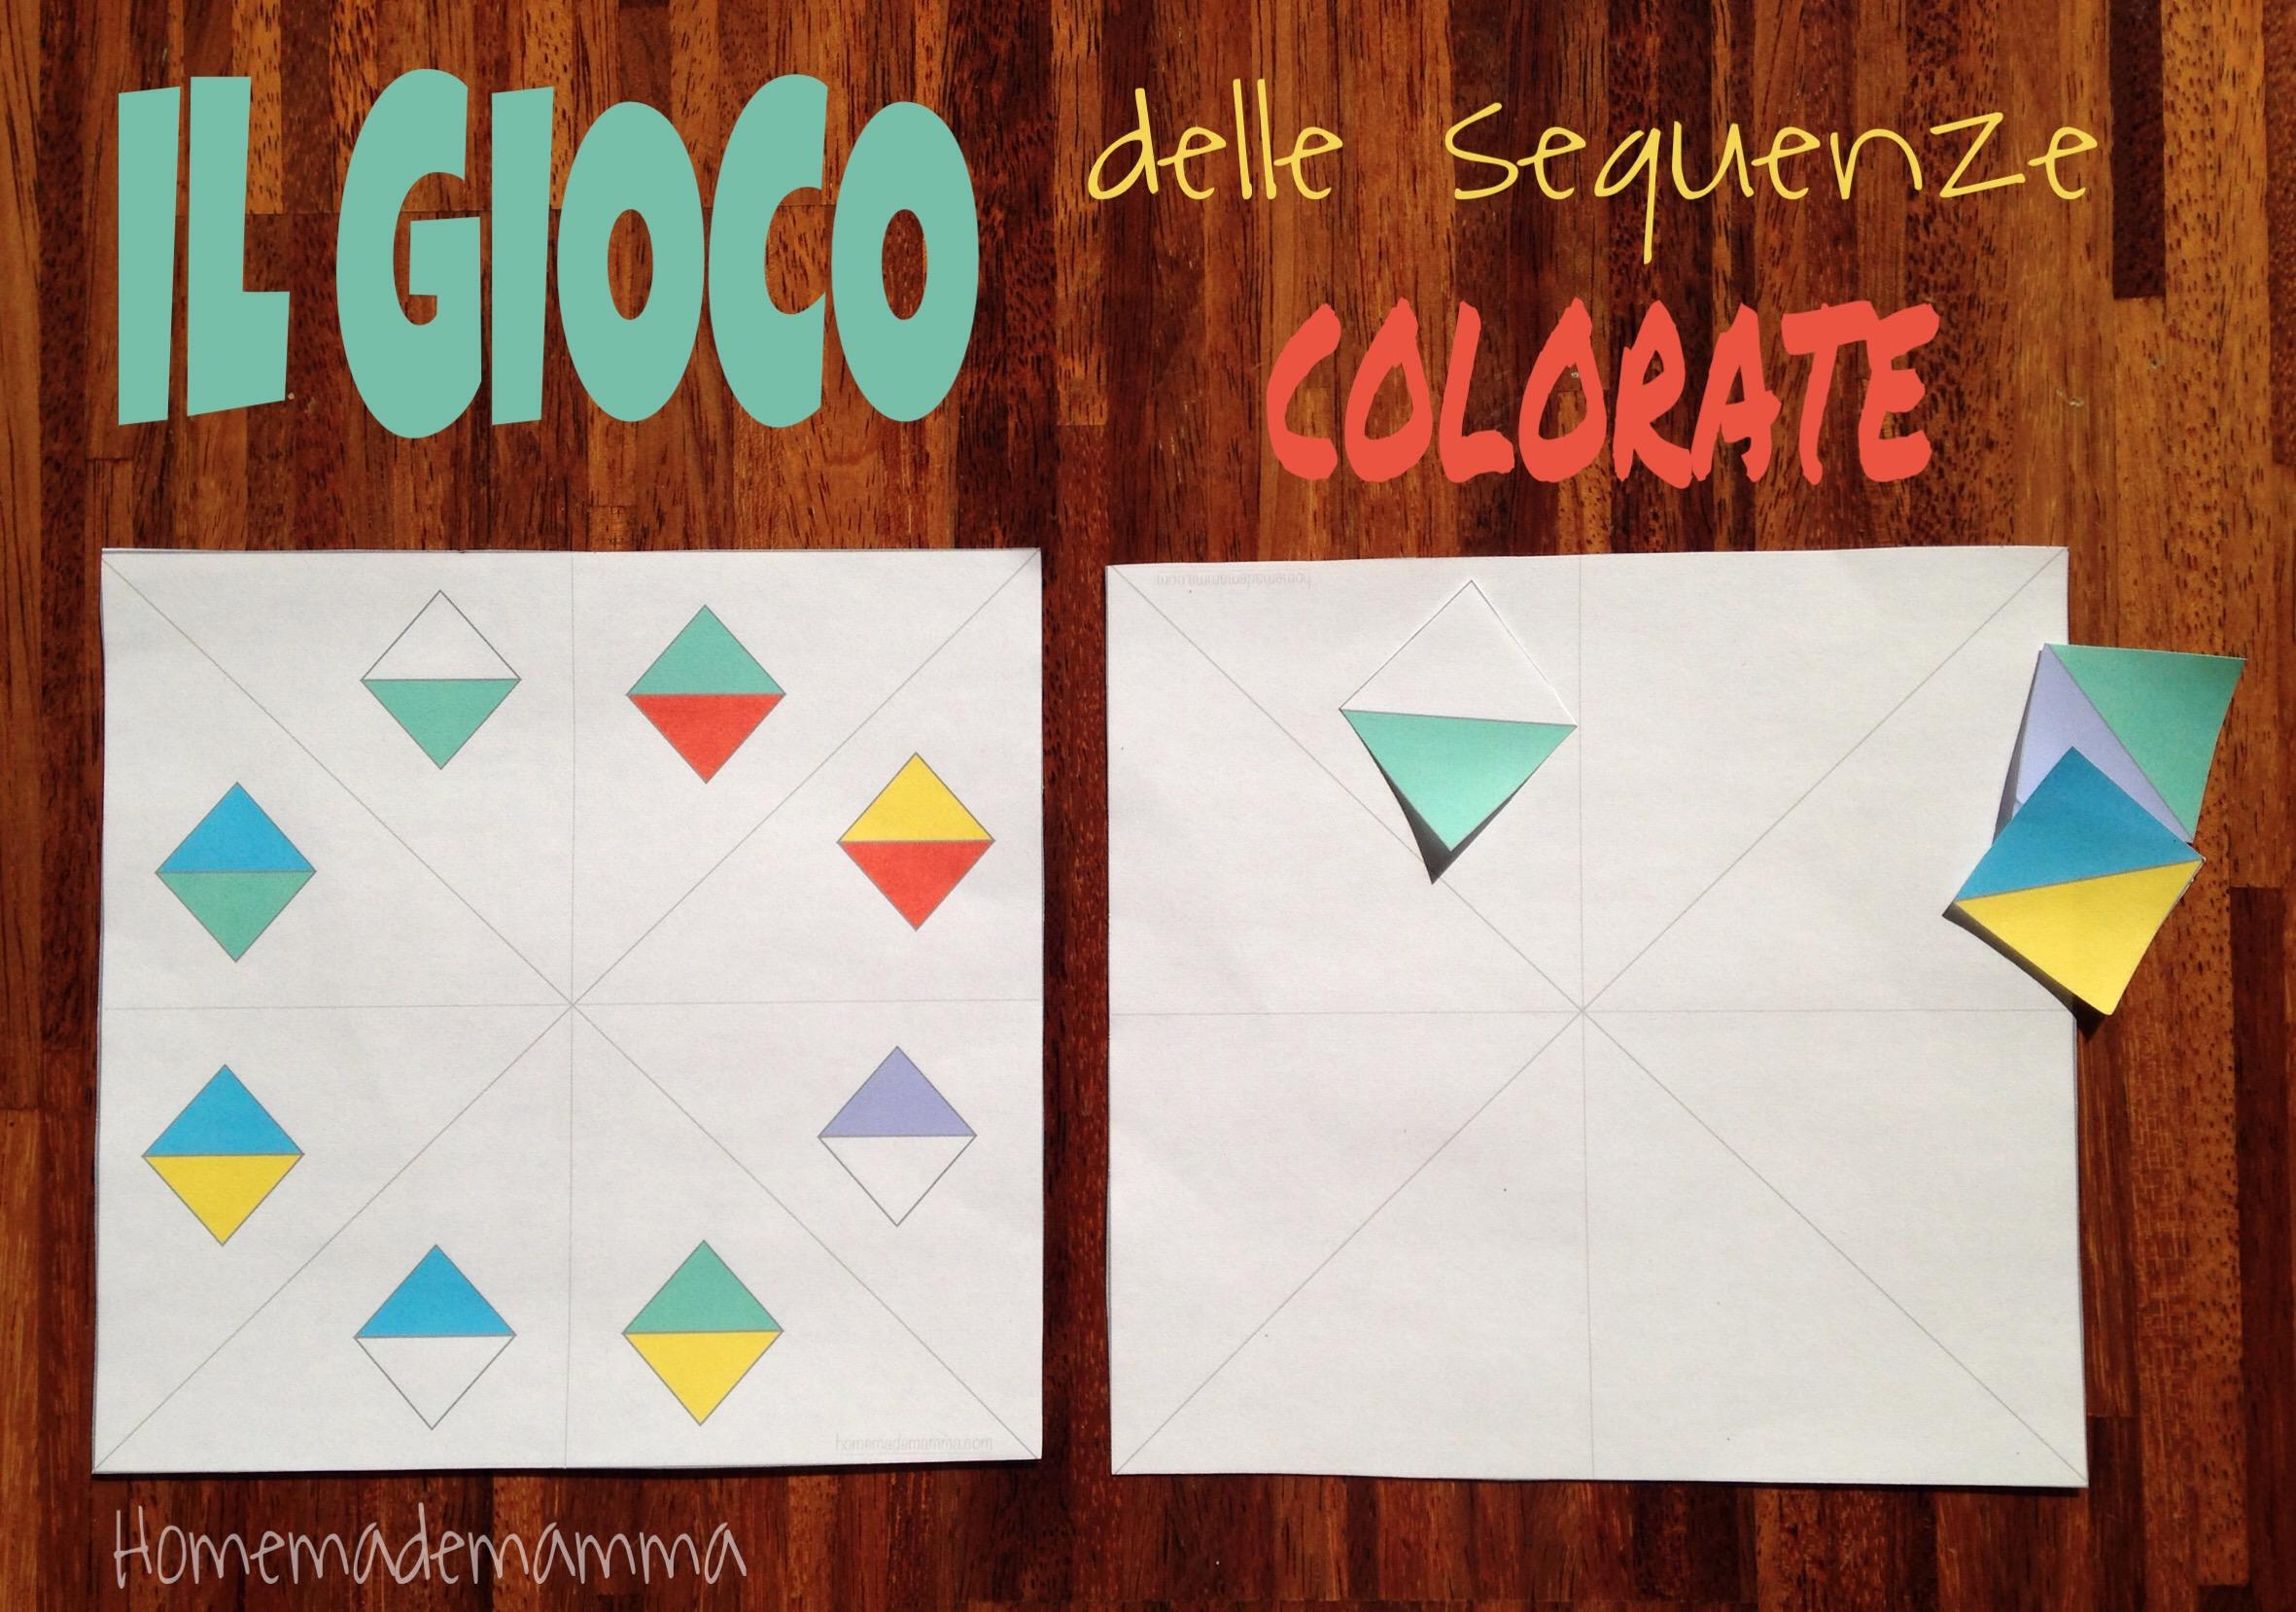 Il gioco delle sequenze colorate